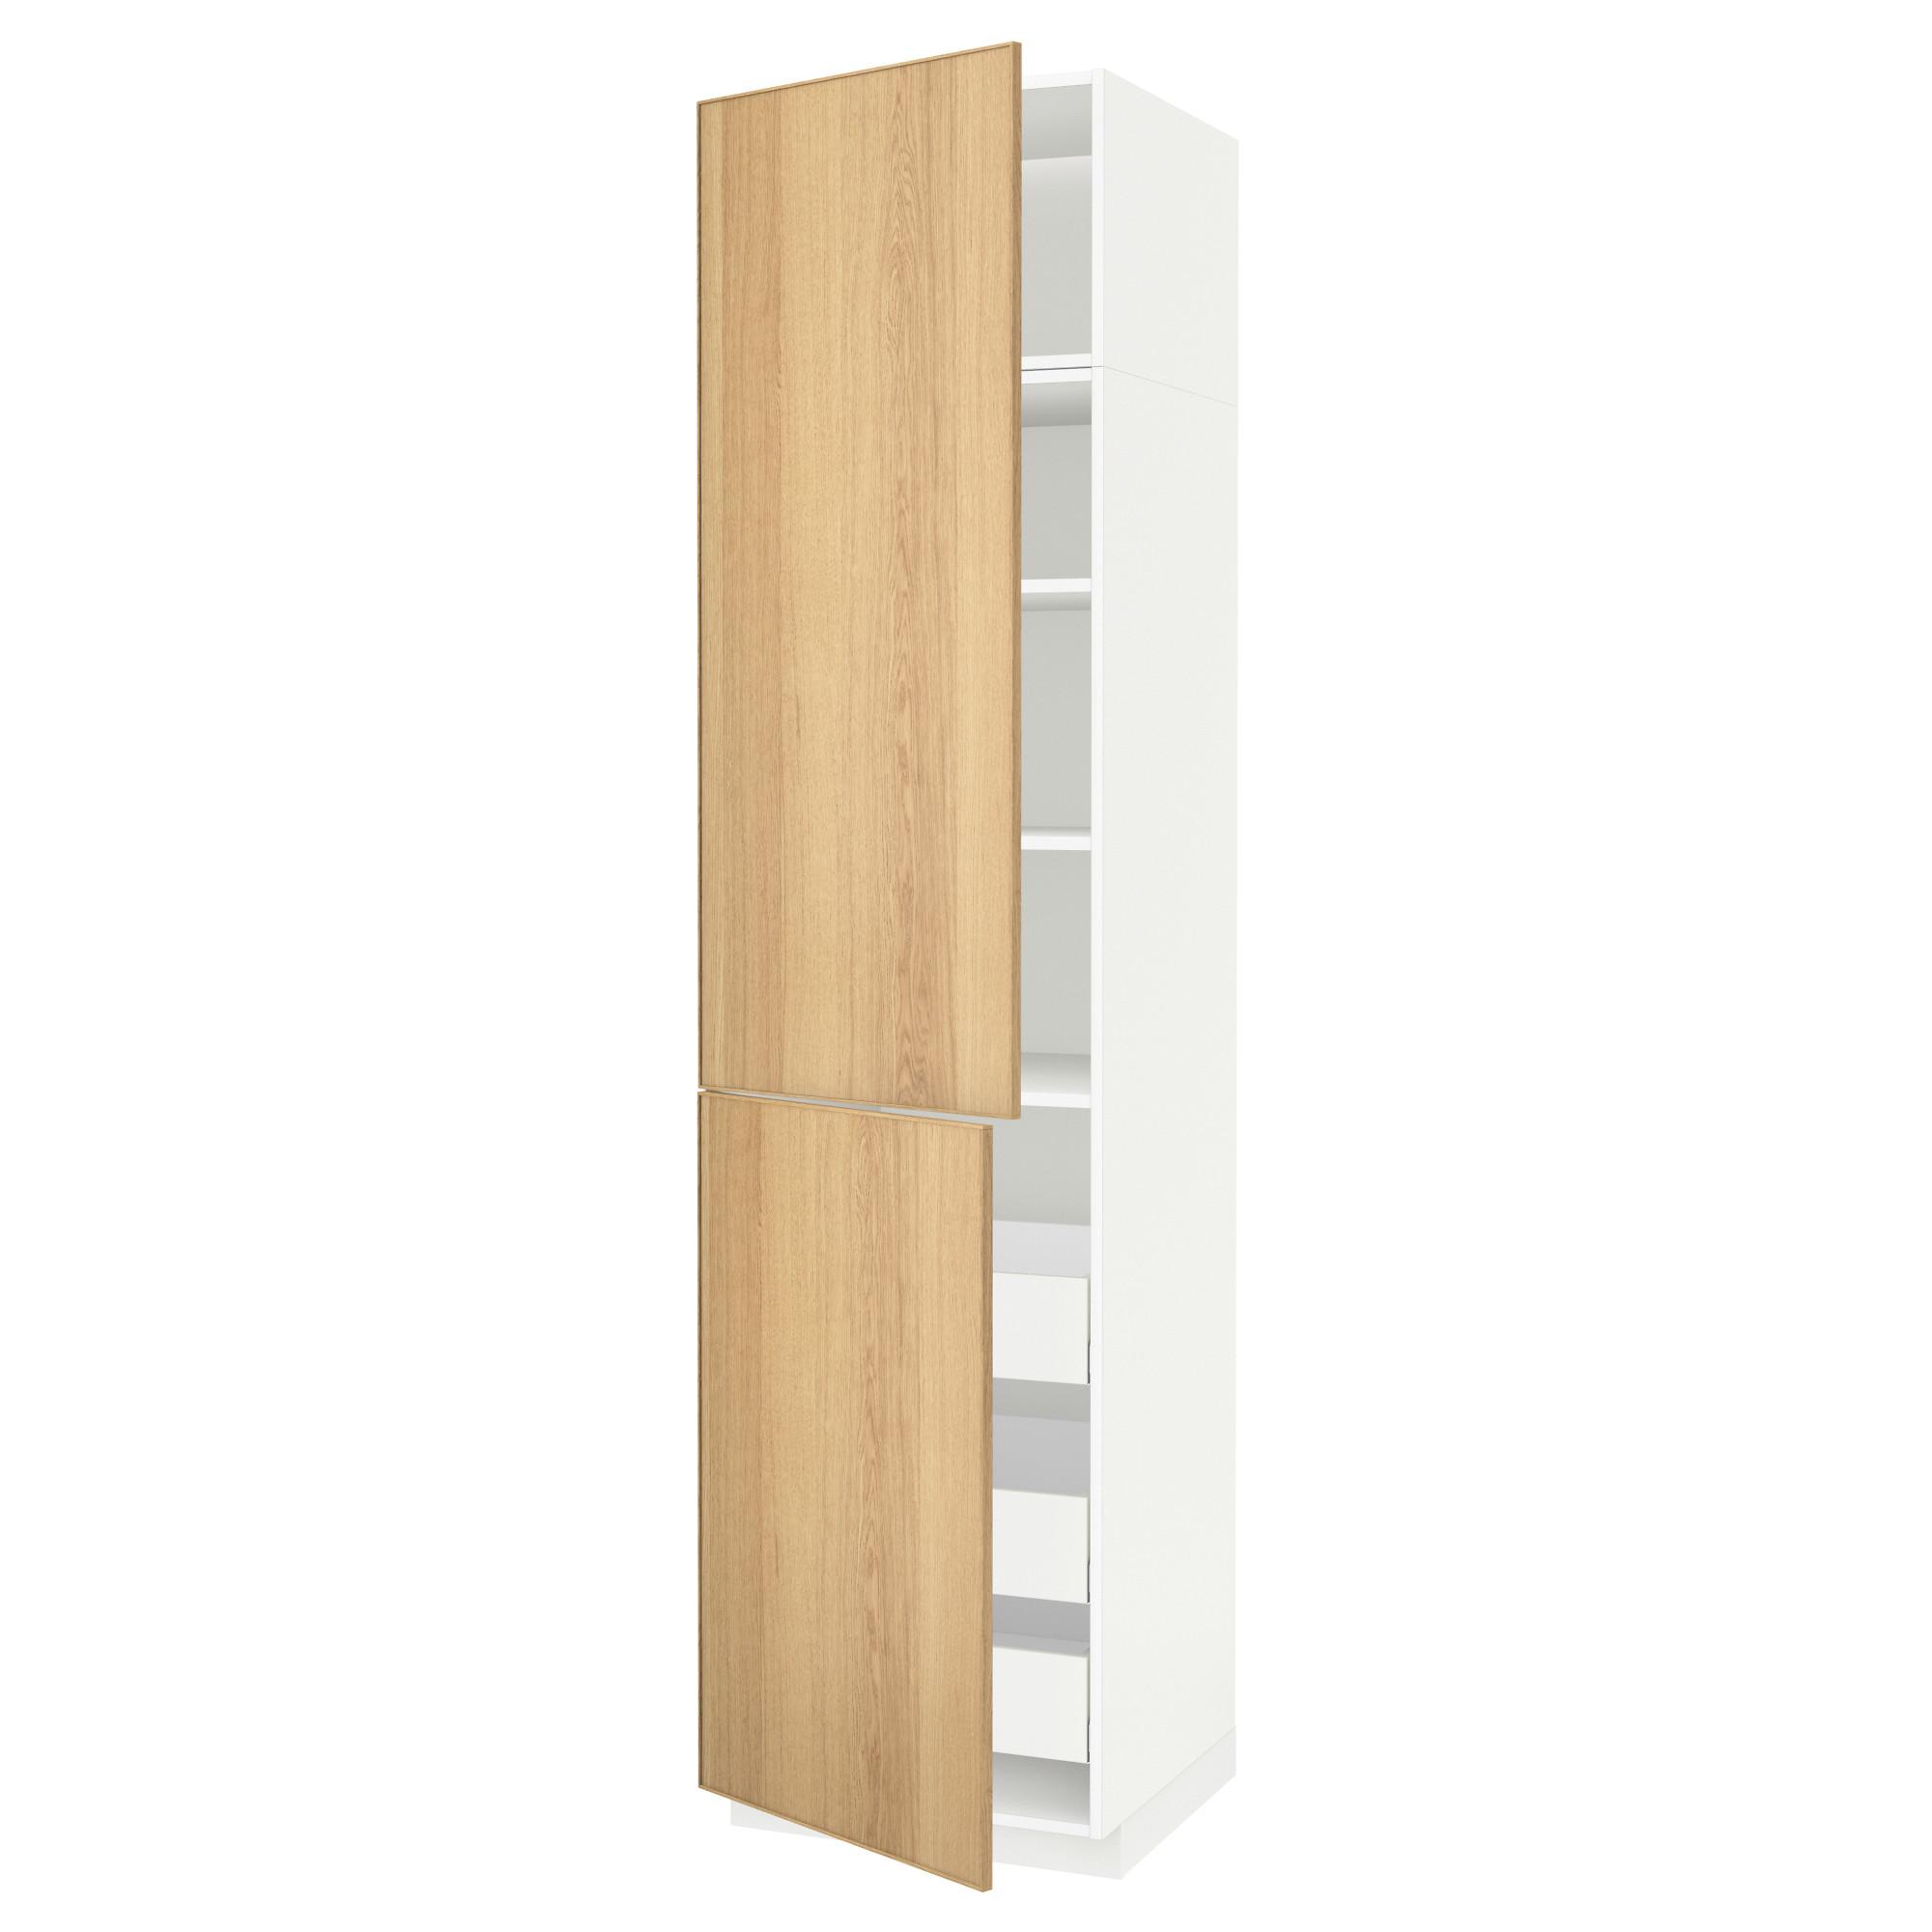 Высокий шкаф + полки, 3 ящика, 2 дверцы МЕТОД / МАКСИМЕРА белый артикуль № 892.363.49 в наличии. Онлайн сайт IKEA Беларусь. Быстрая доставка и монтаж.